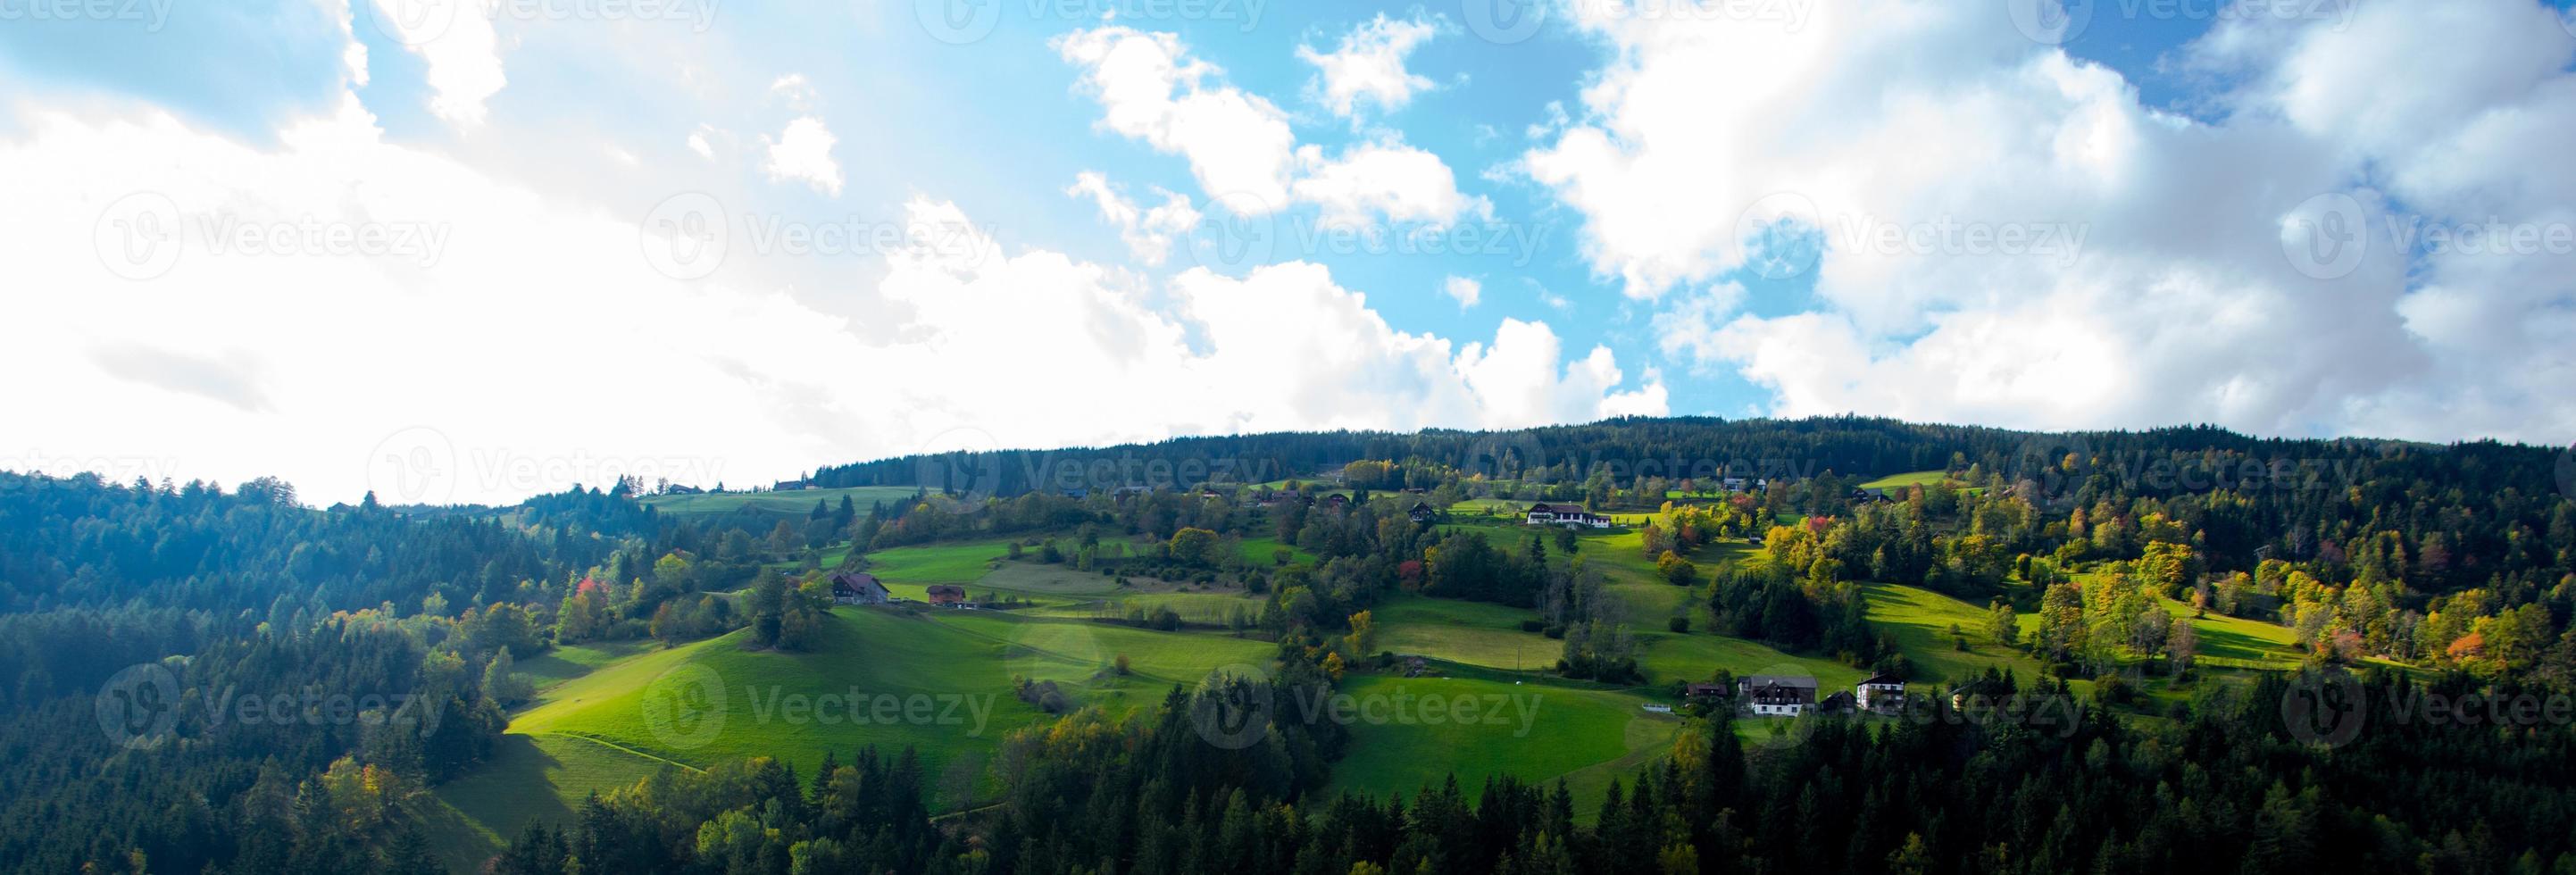 heldergroene weiden en blauwe lucht foto